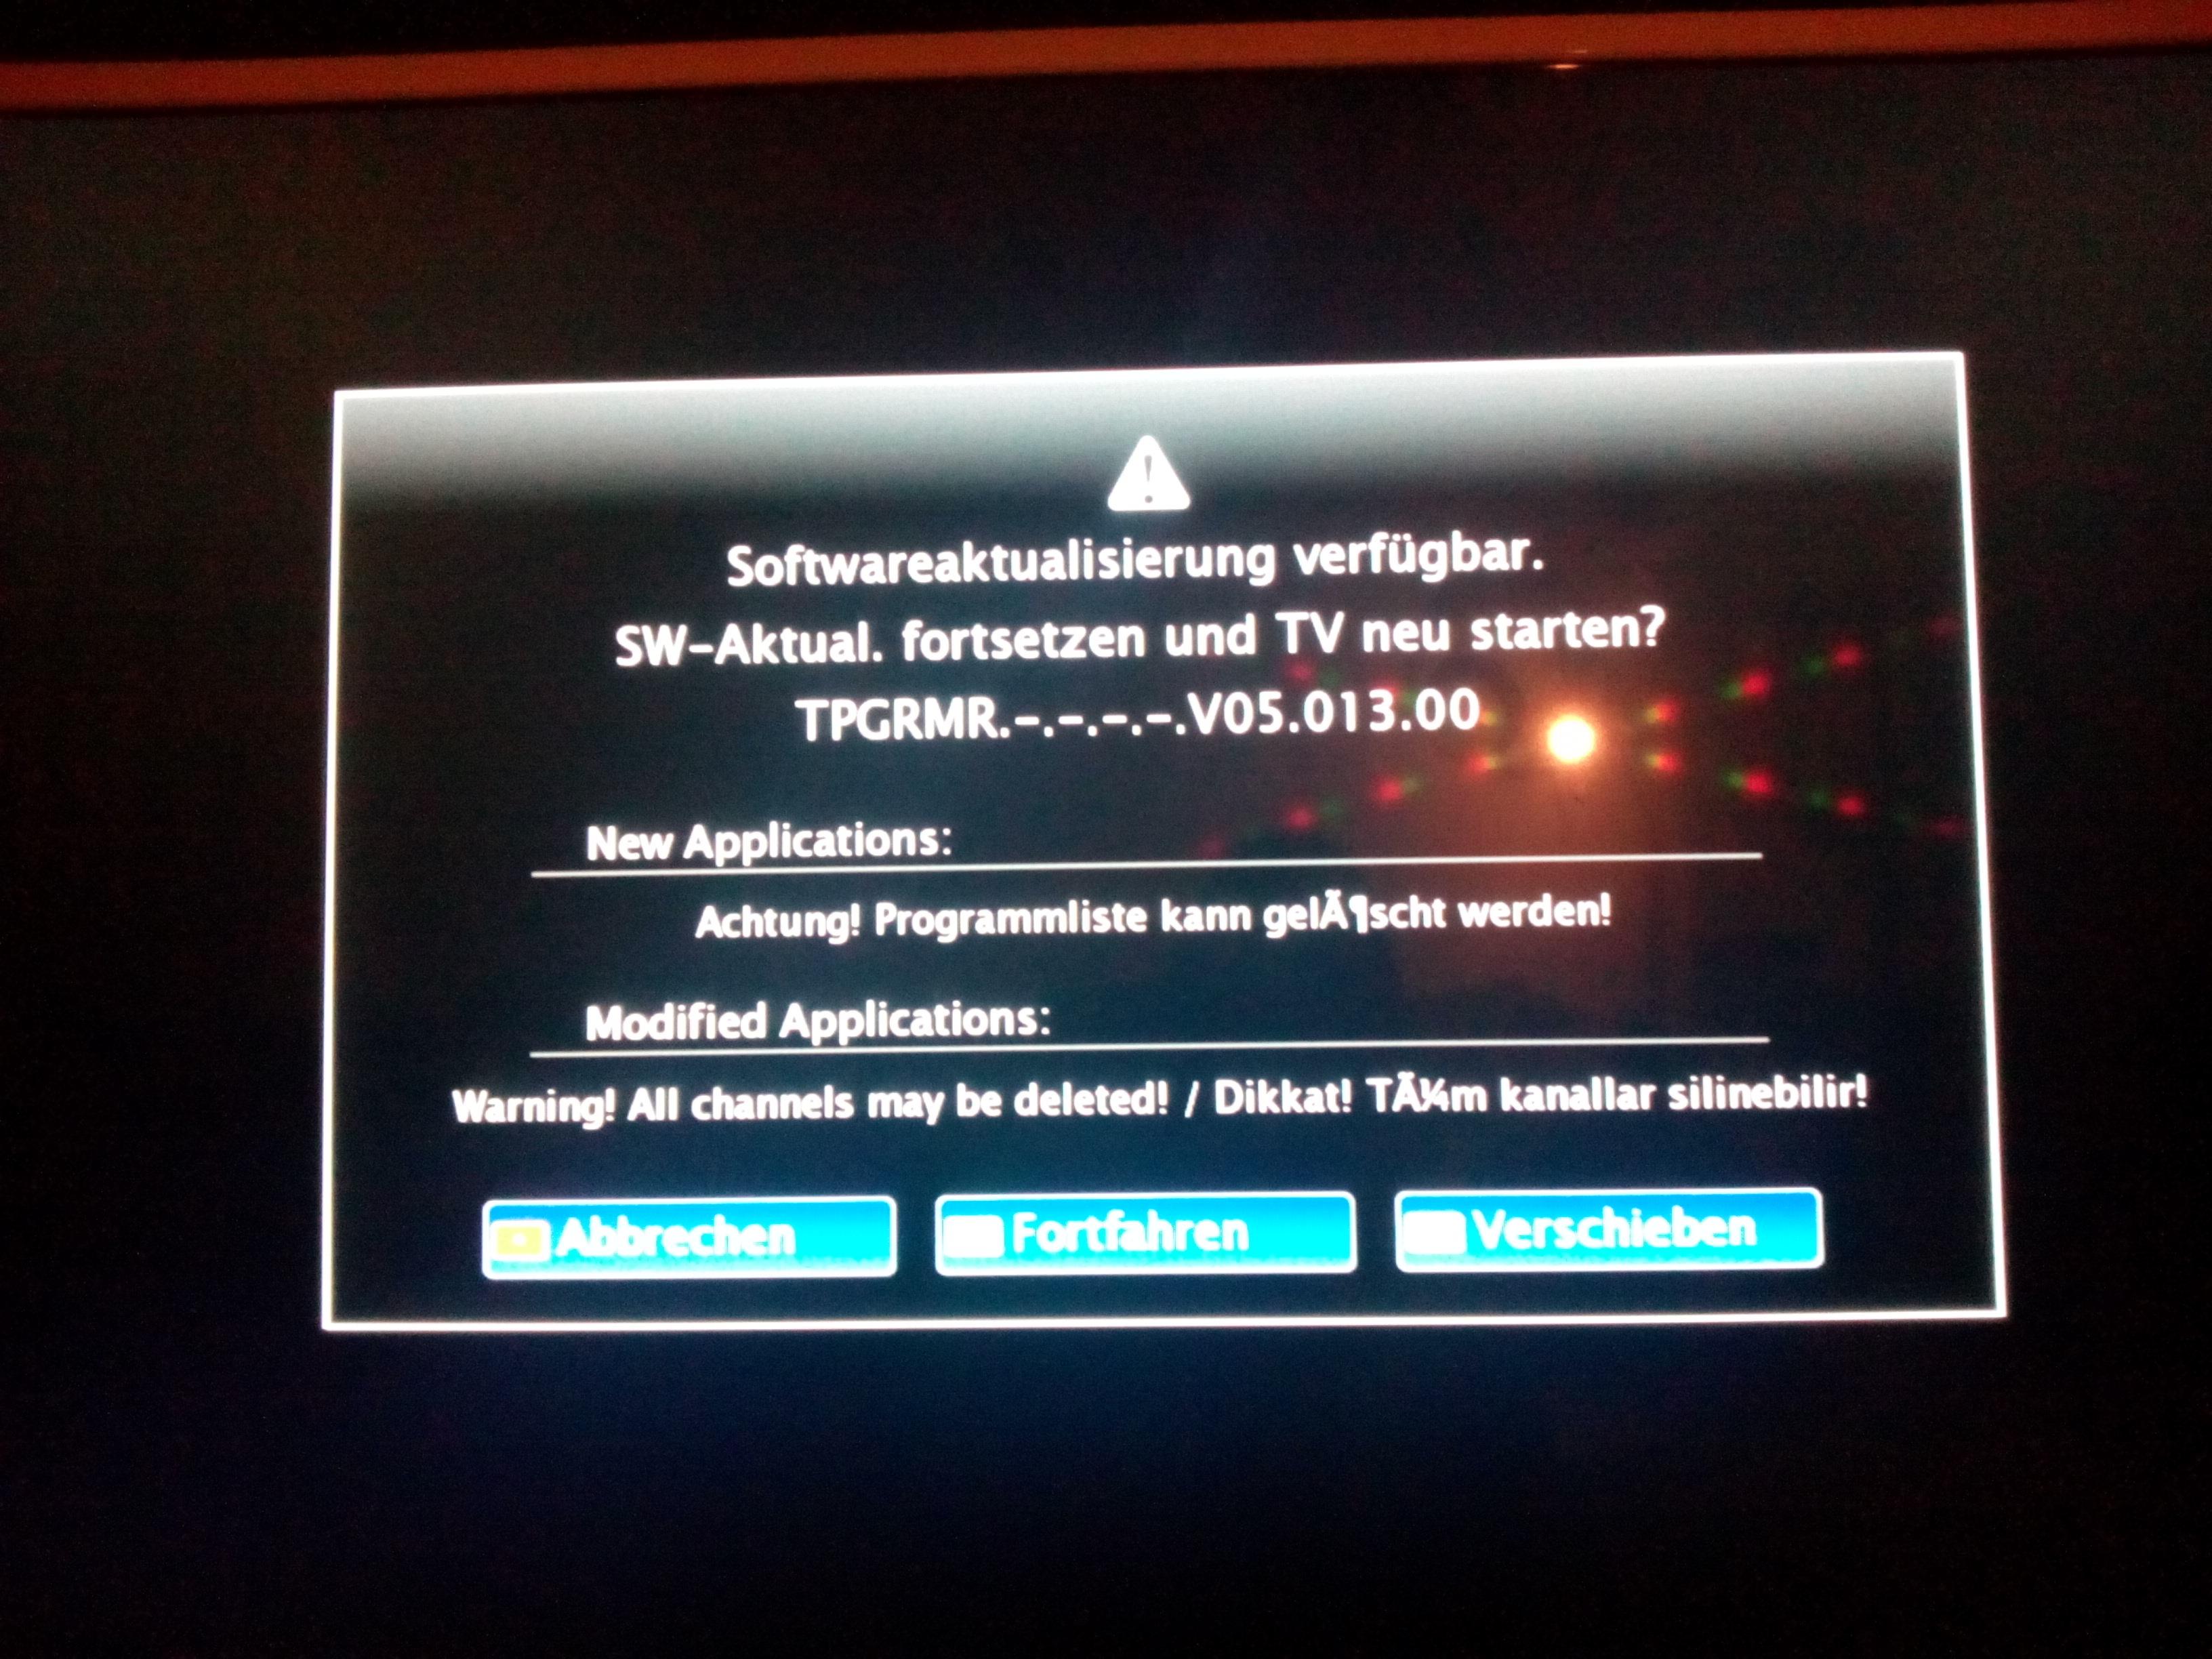 Grundig TV Software Aktualisierung schlägt immer fehl? (software ...